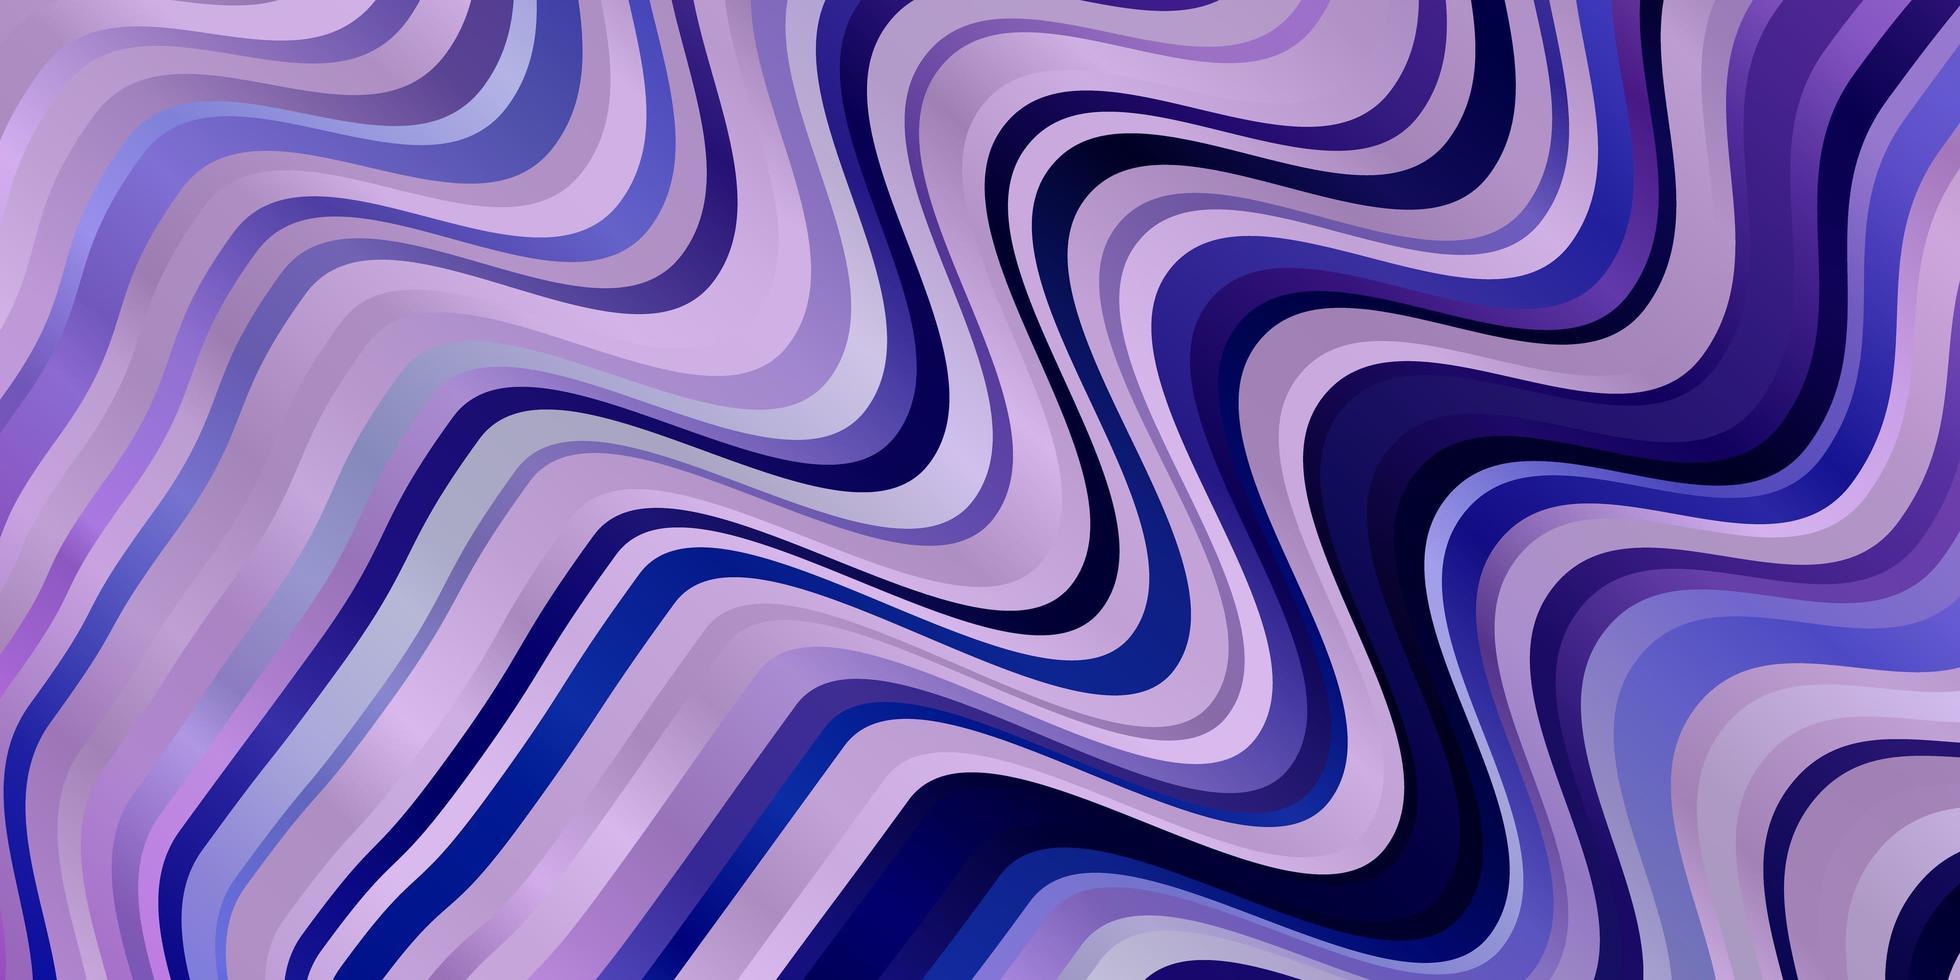 patrón morado con curvas. vector